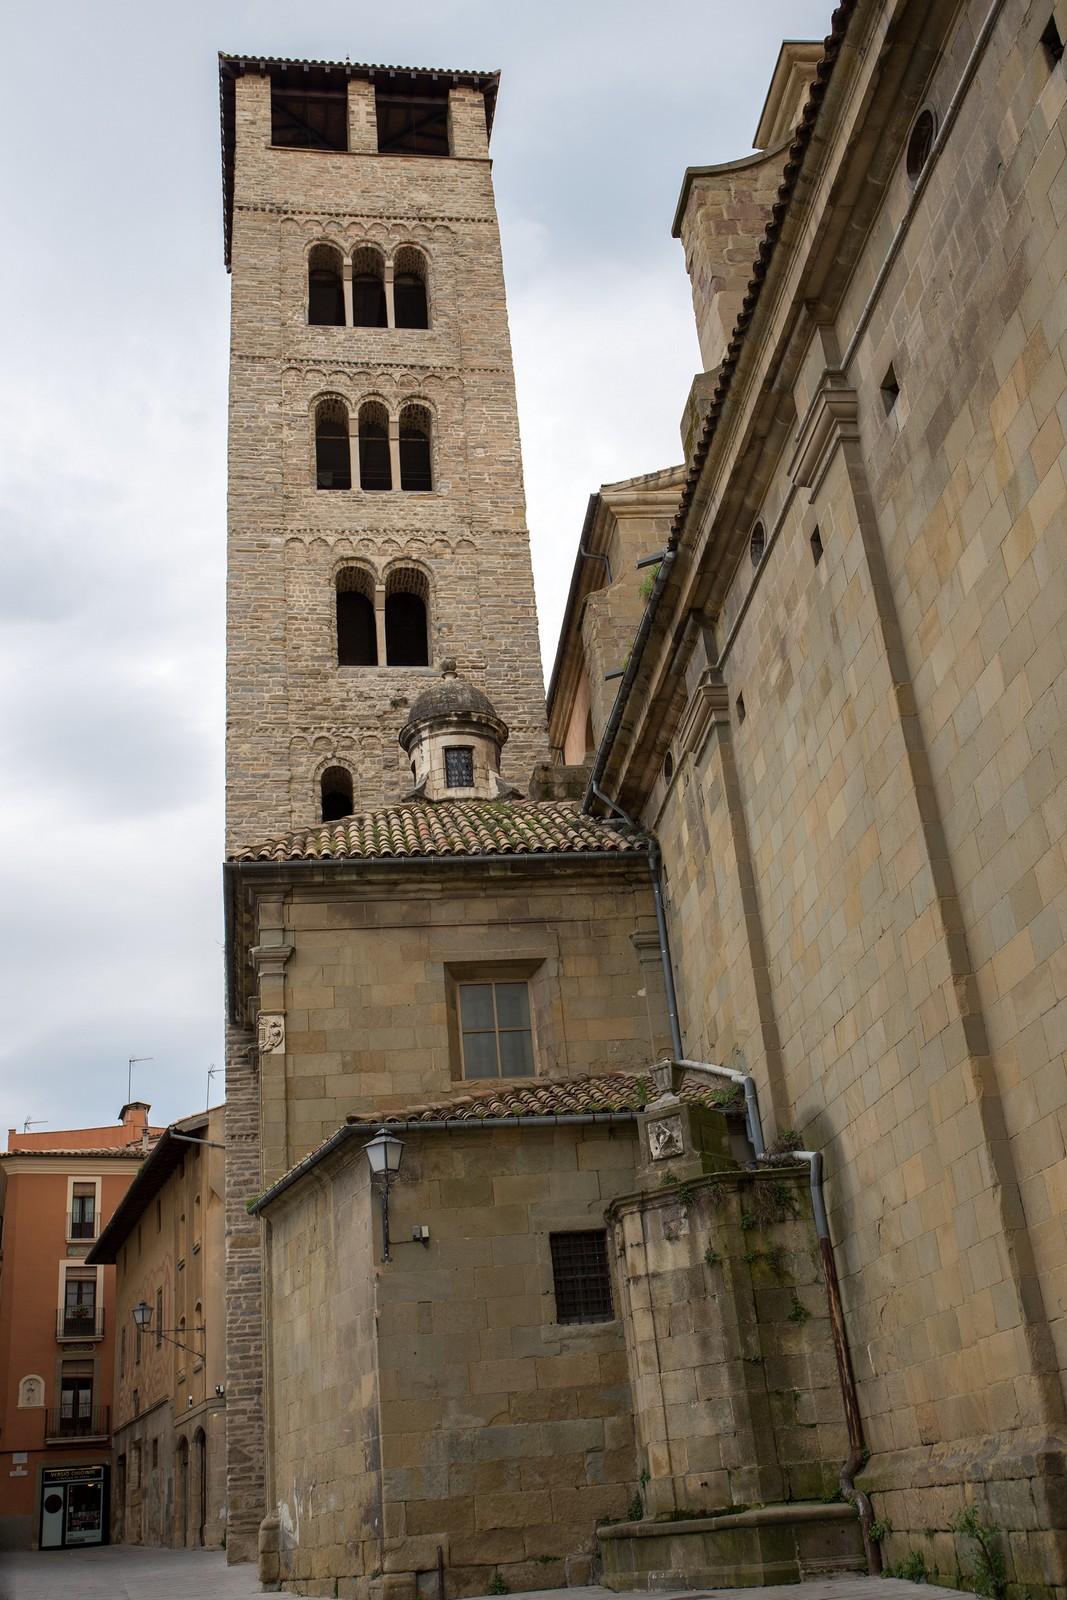 Средневековые города Каталонии в коллекции путешествий A2 Partners - Вик (Vic)